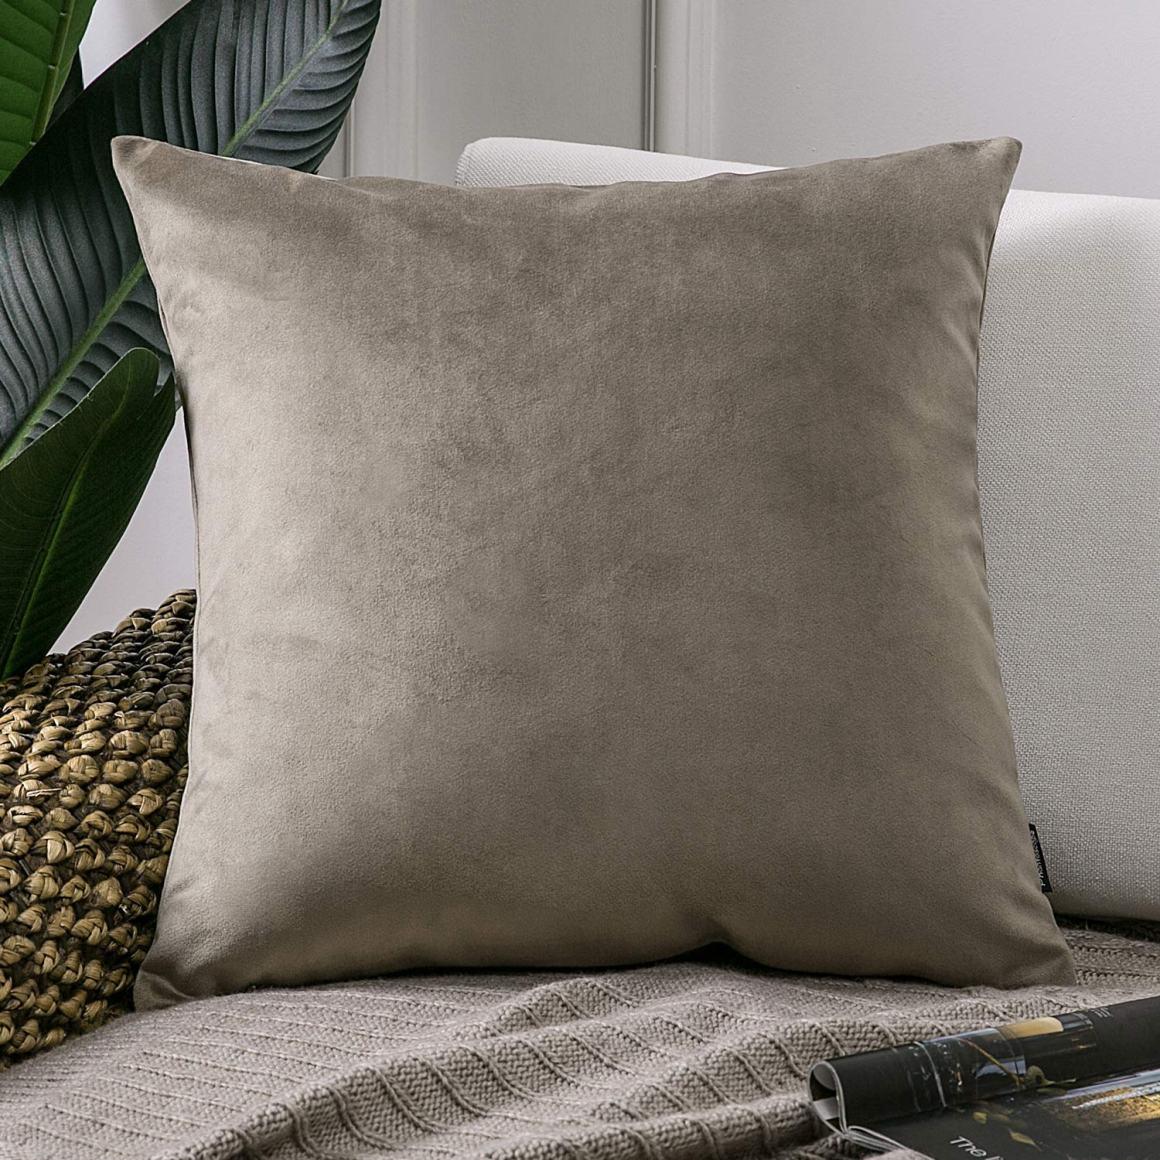 cozy home pillows